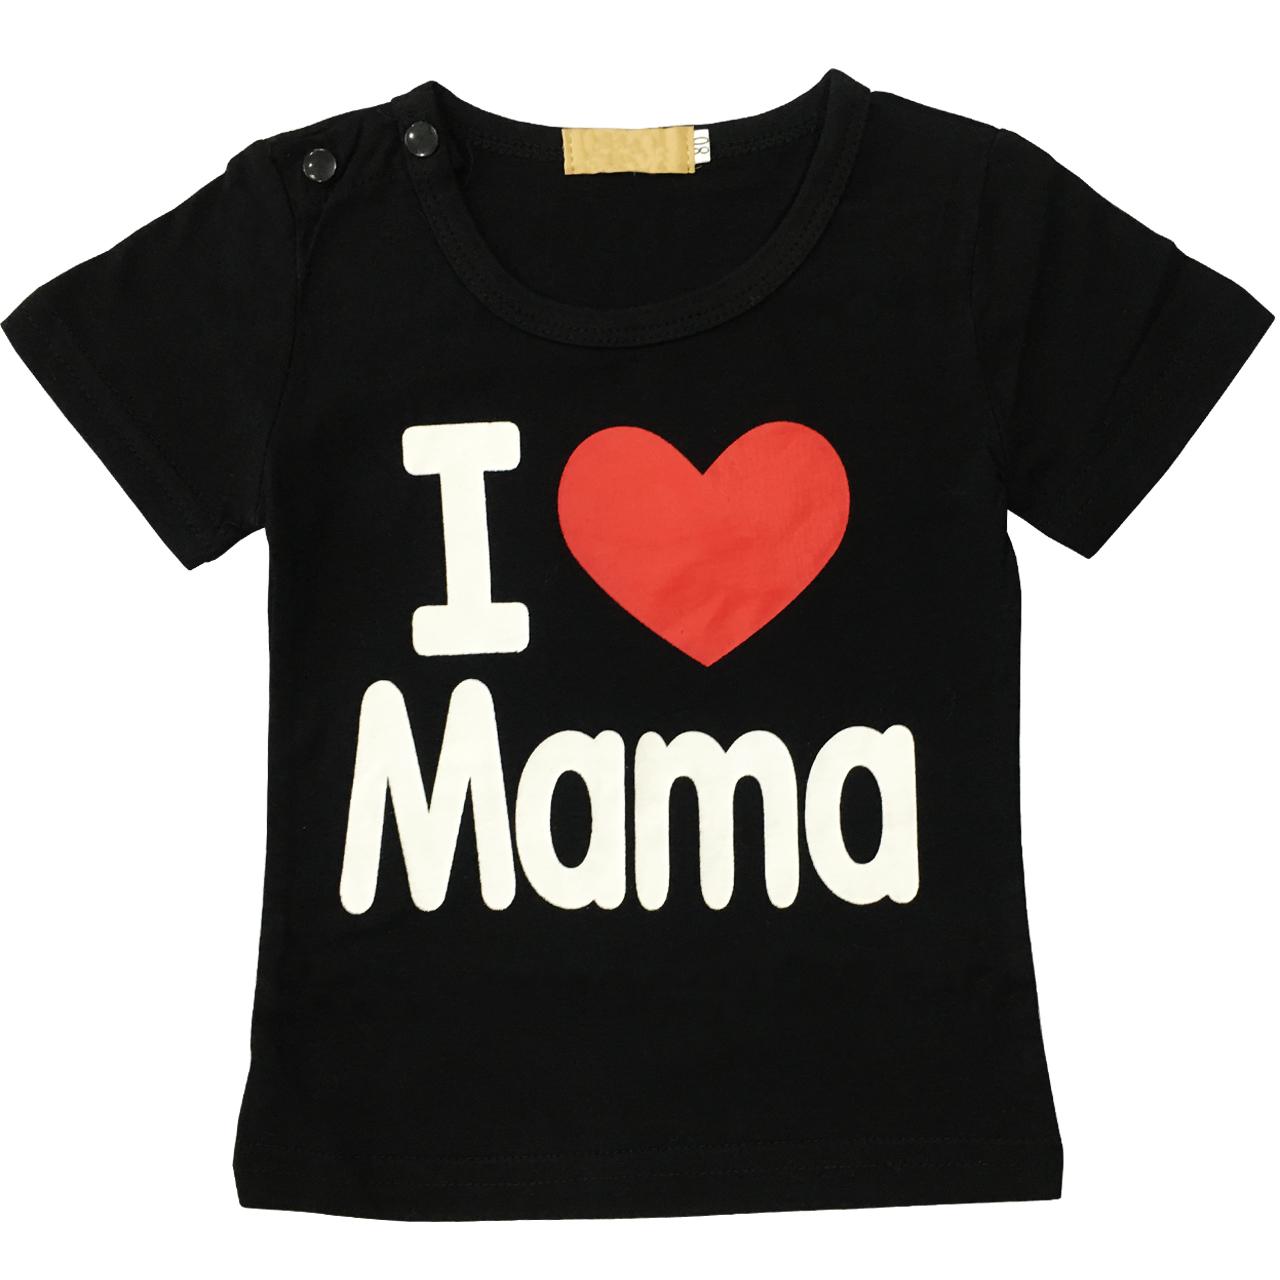 تی شرت بچگانه طرح ماما